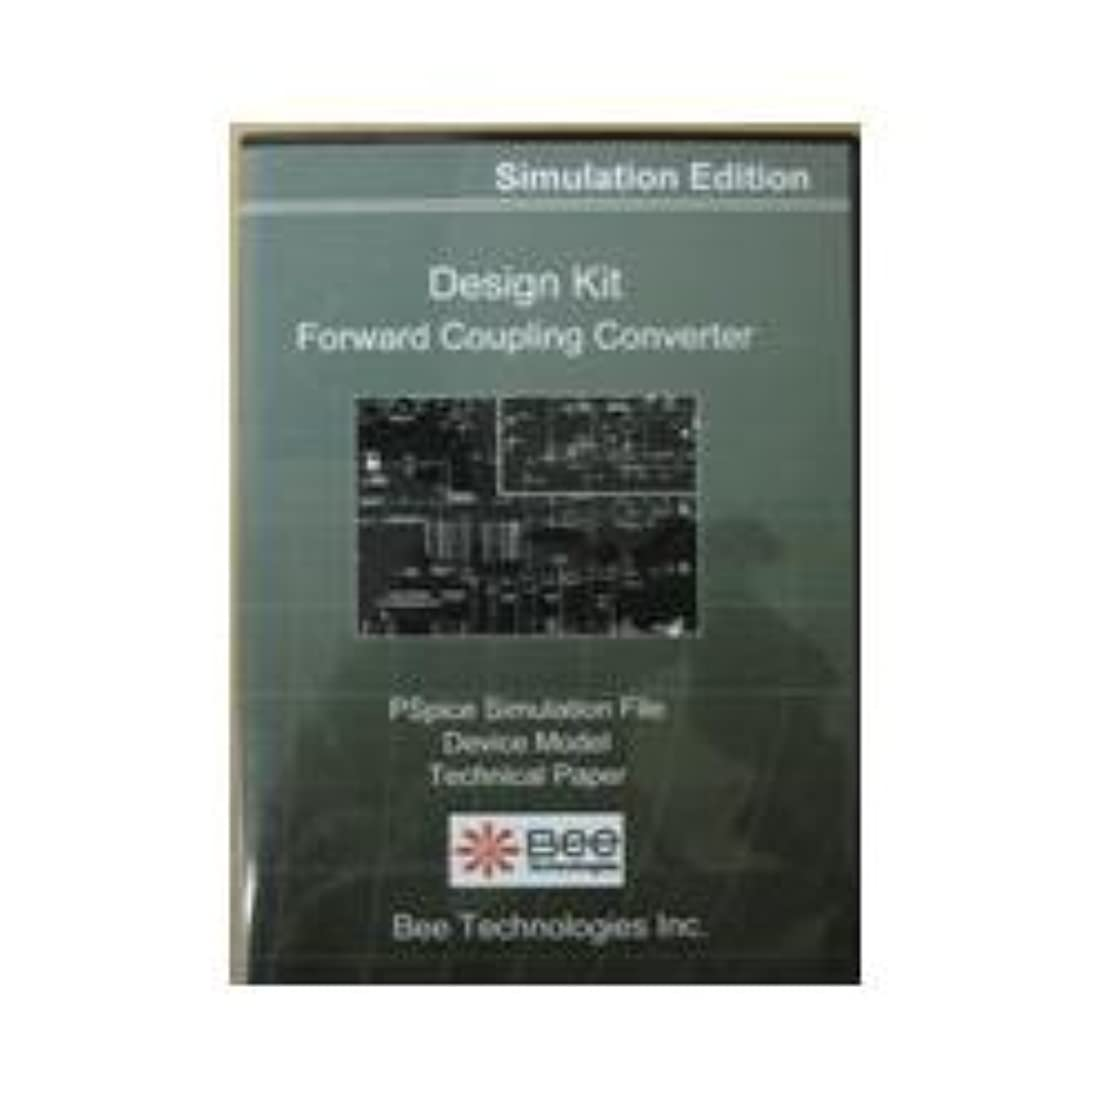 観客マイルストーン広がりBee Technologies SPICE デザインキット FCC回路 【Design Kit 001】